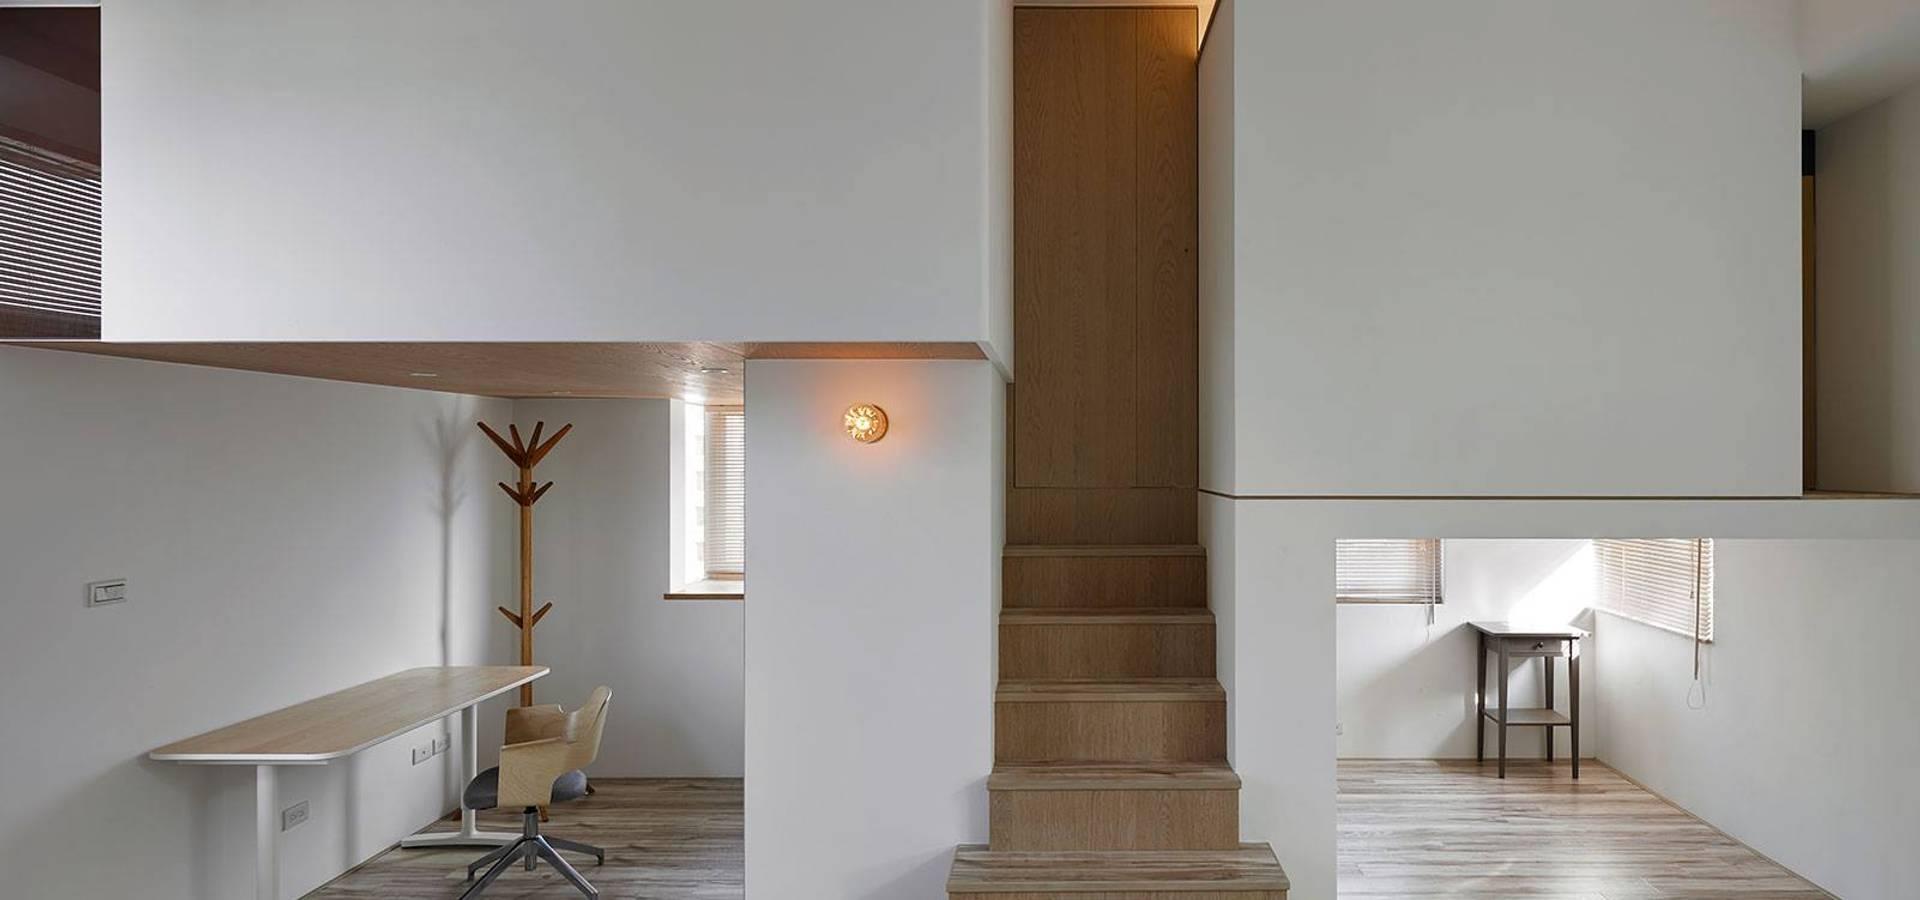 Co*Good Design Co. Ltd.